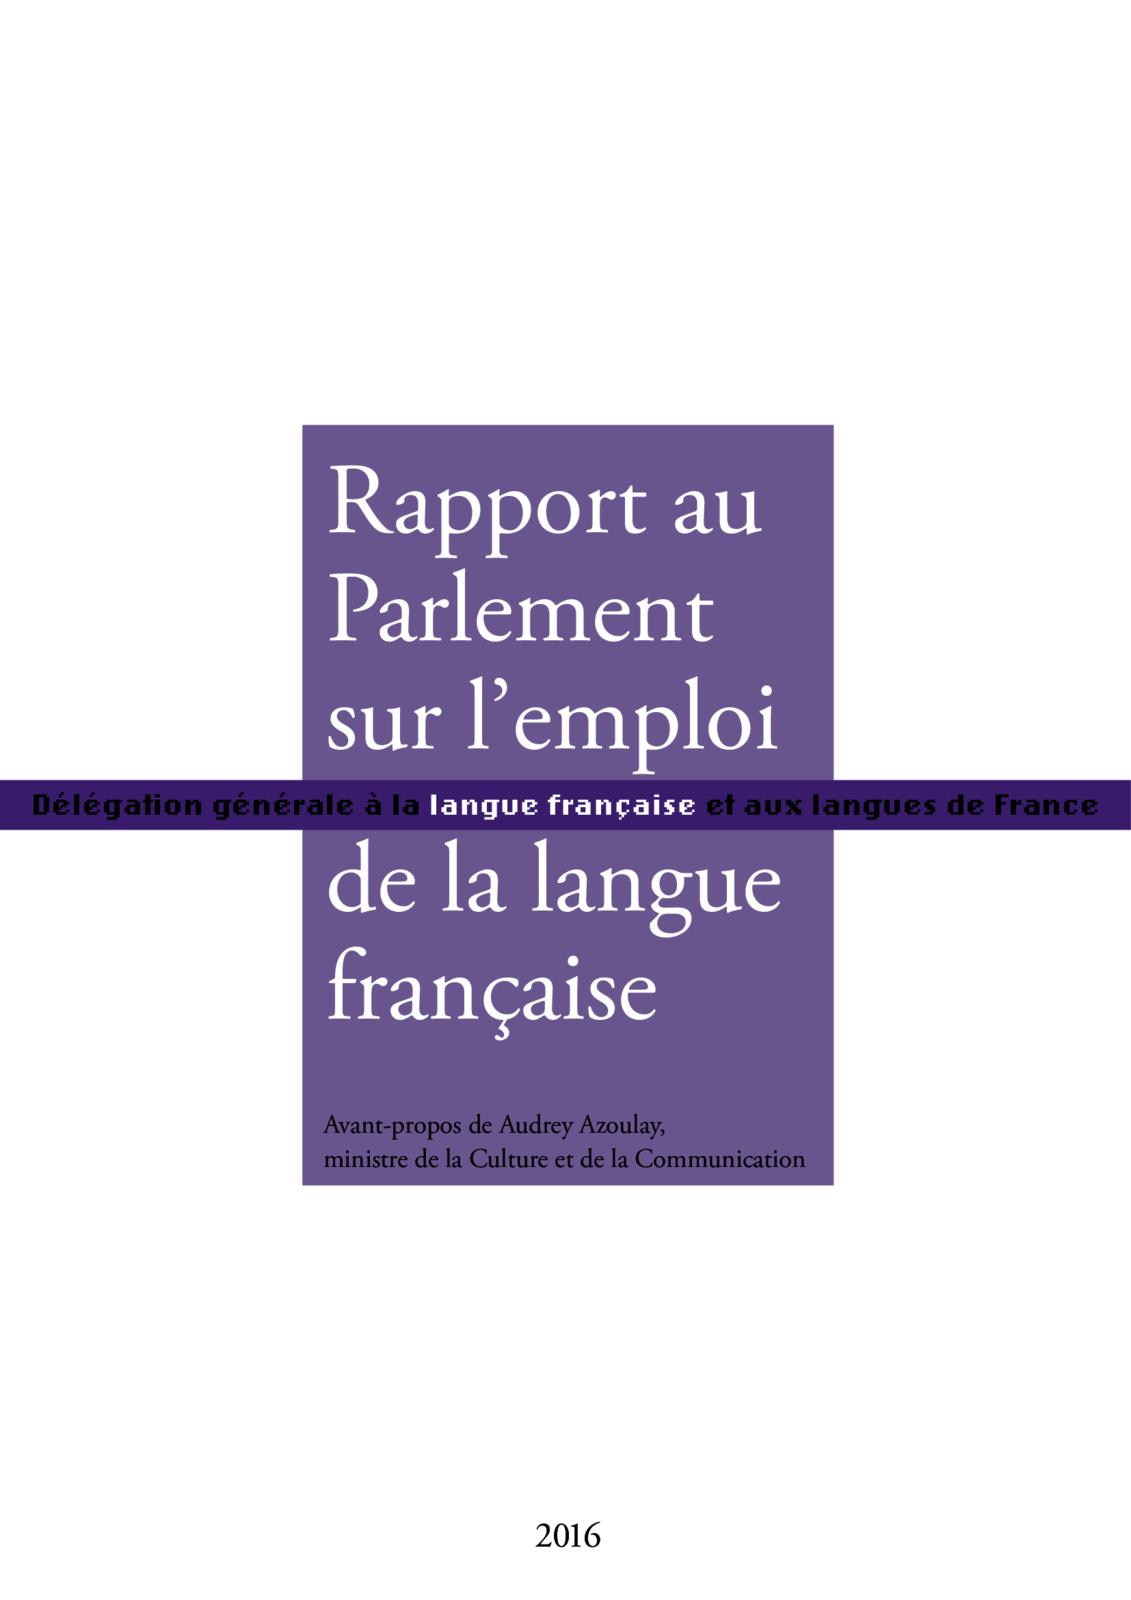 Rapport au Parlement sur l'emploi de la langue française 2016